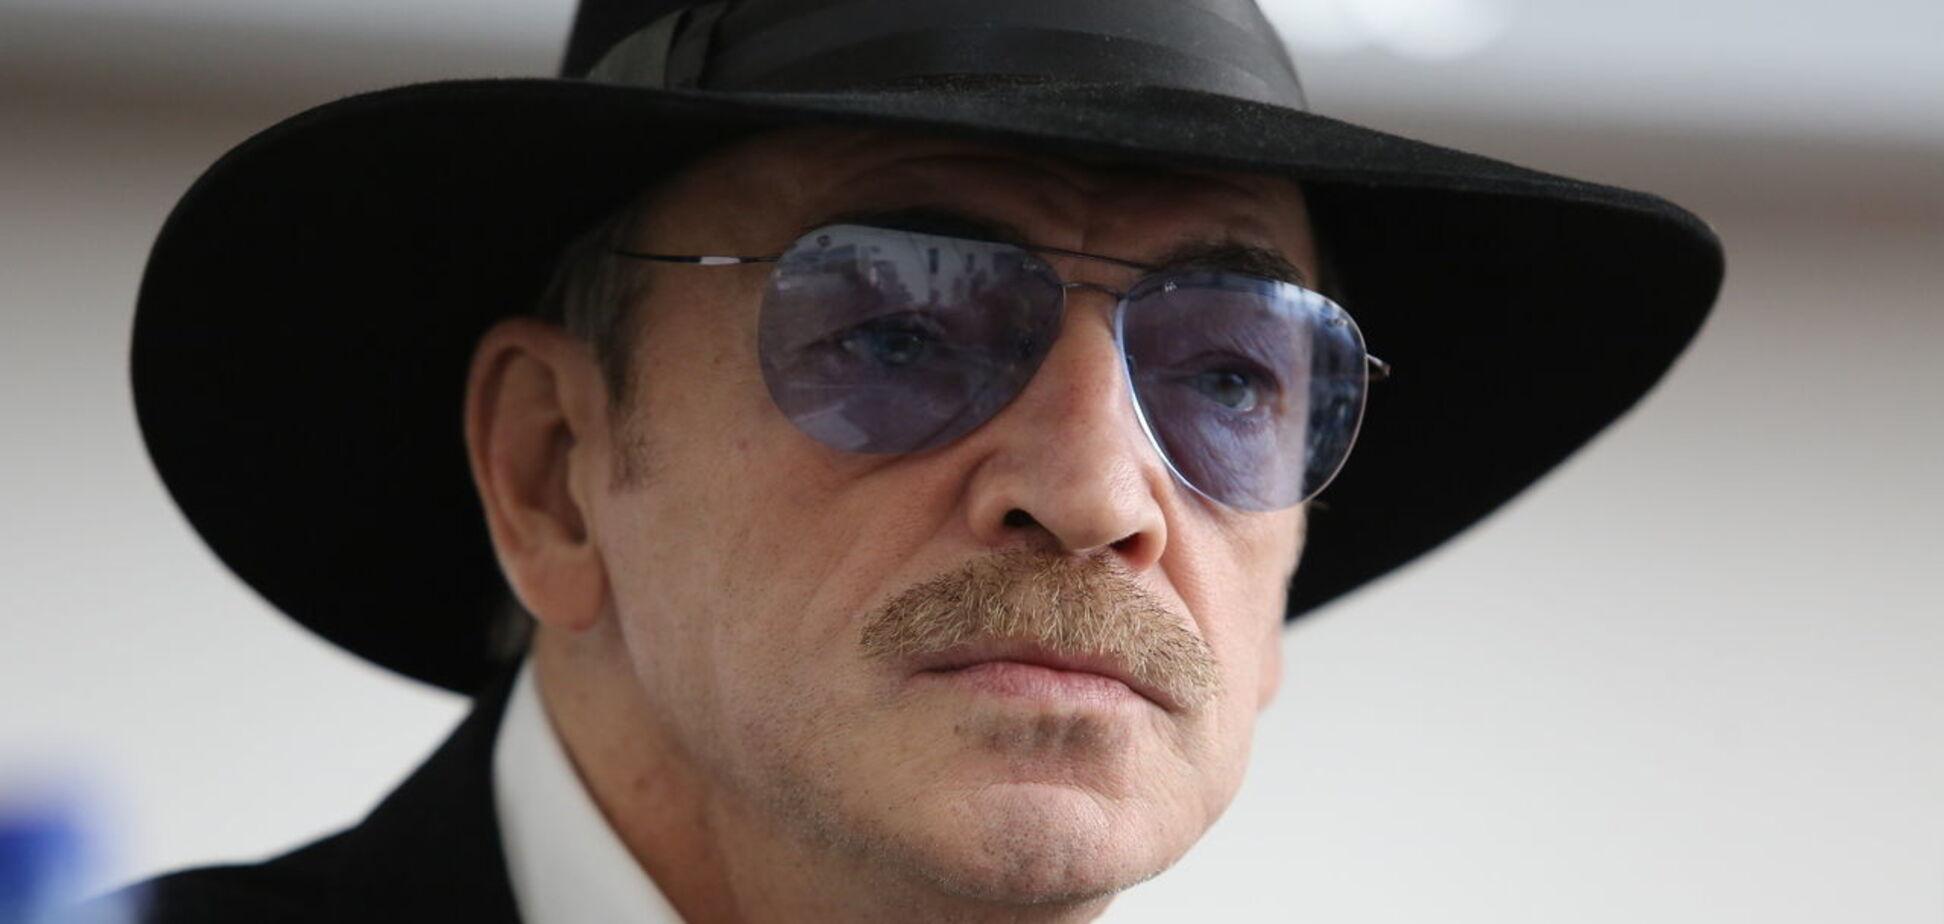 Михаил Боярский болен: врачи заподозрили, что у него коронавирус